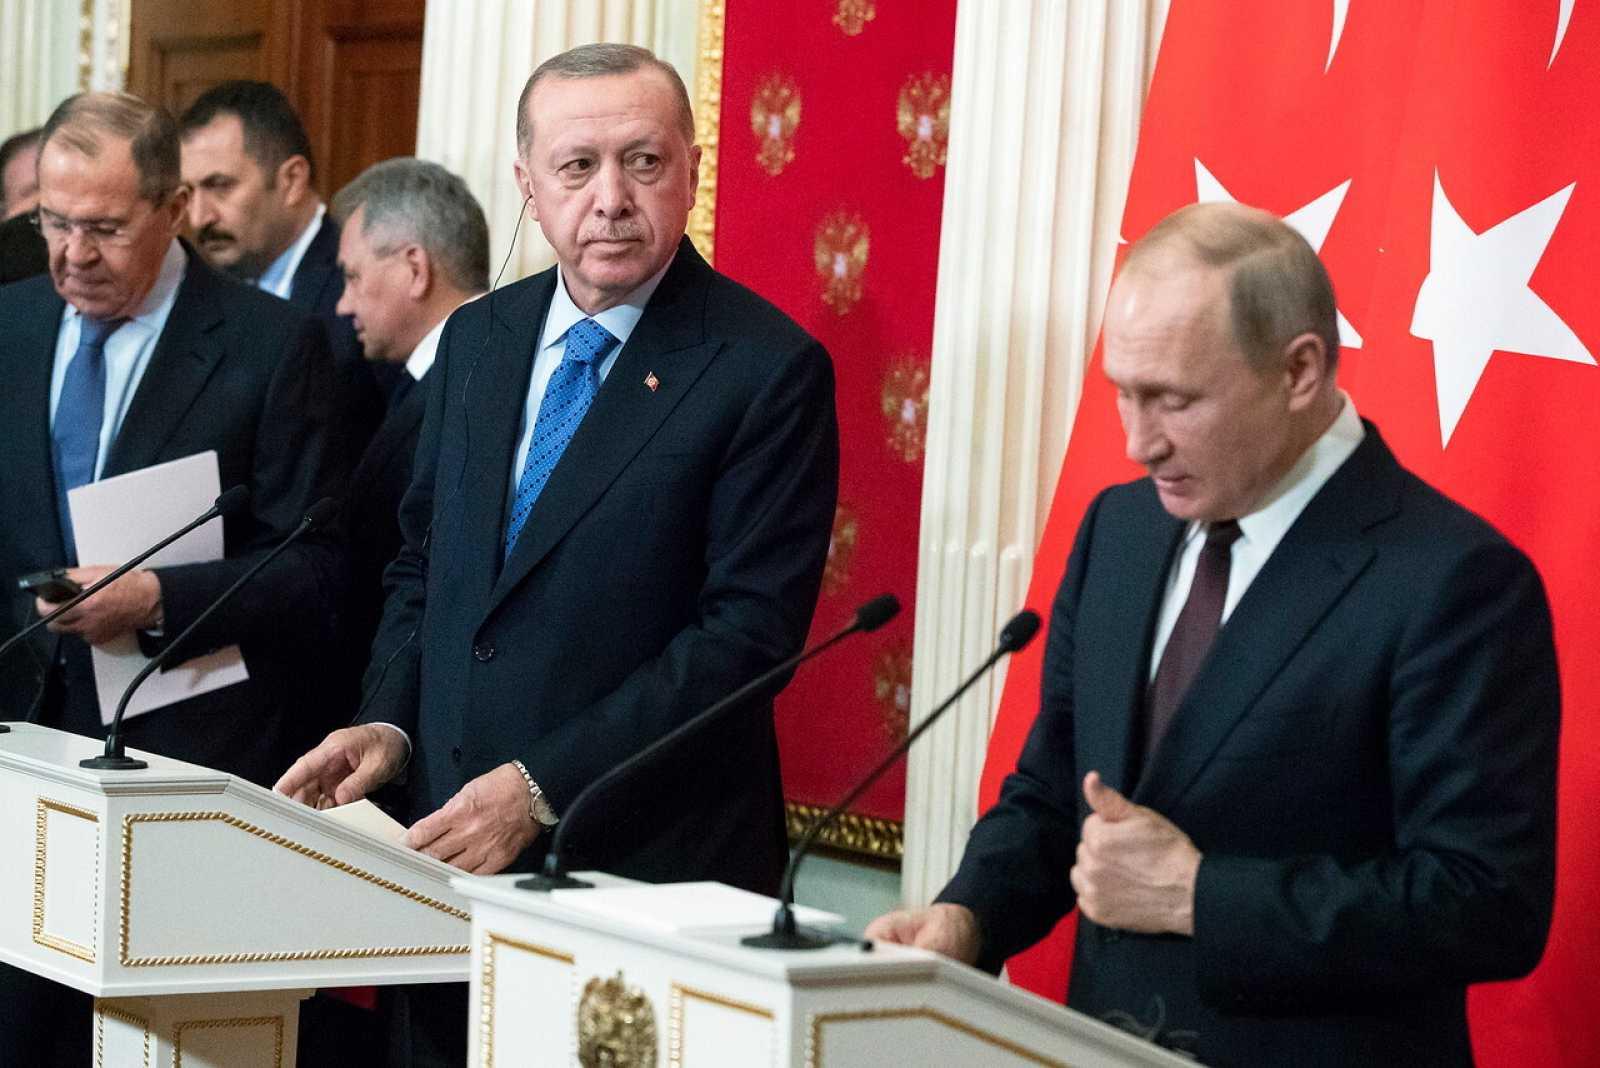 El presidente ruso Vladimir Putin y el presidente turco Recep Tayyip Erdogan durante una conferencia de prensa